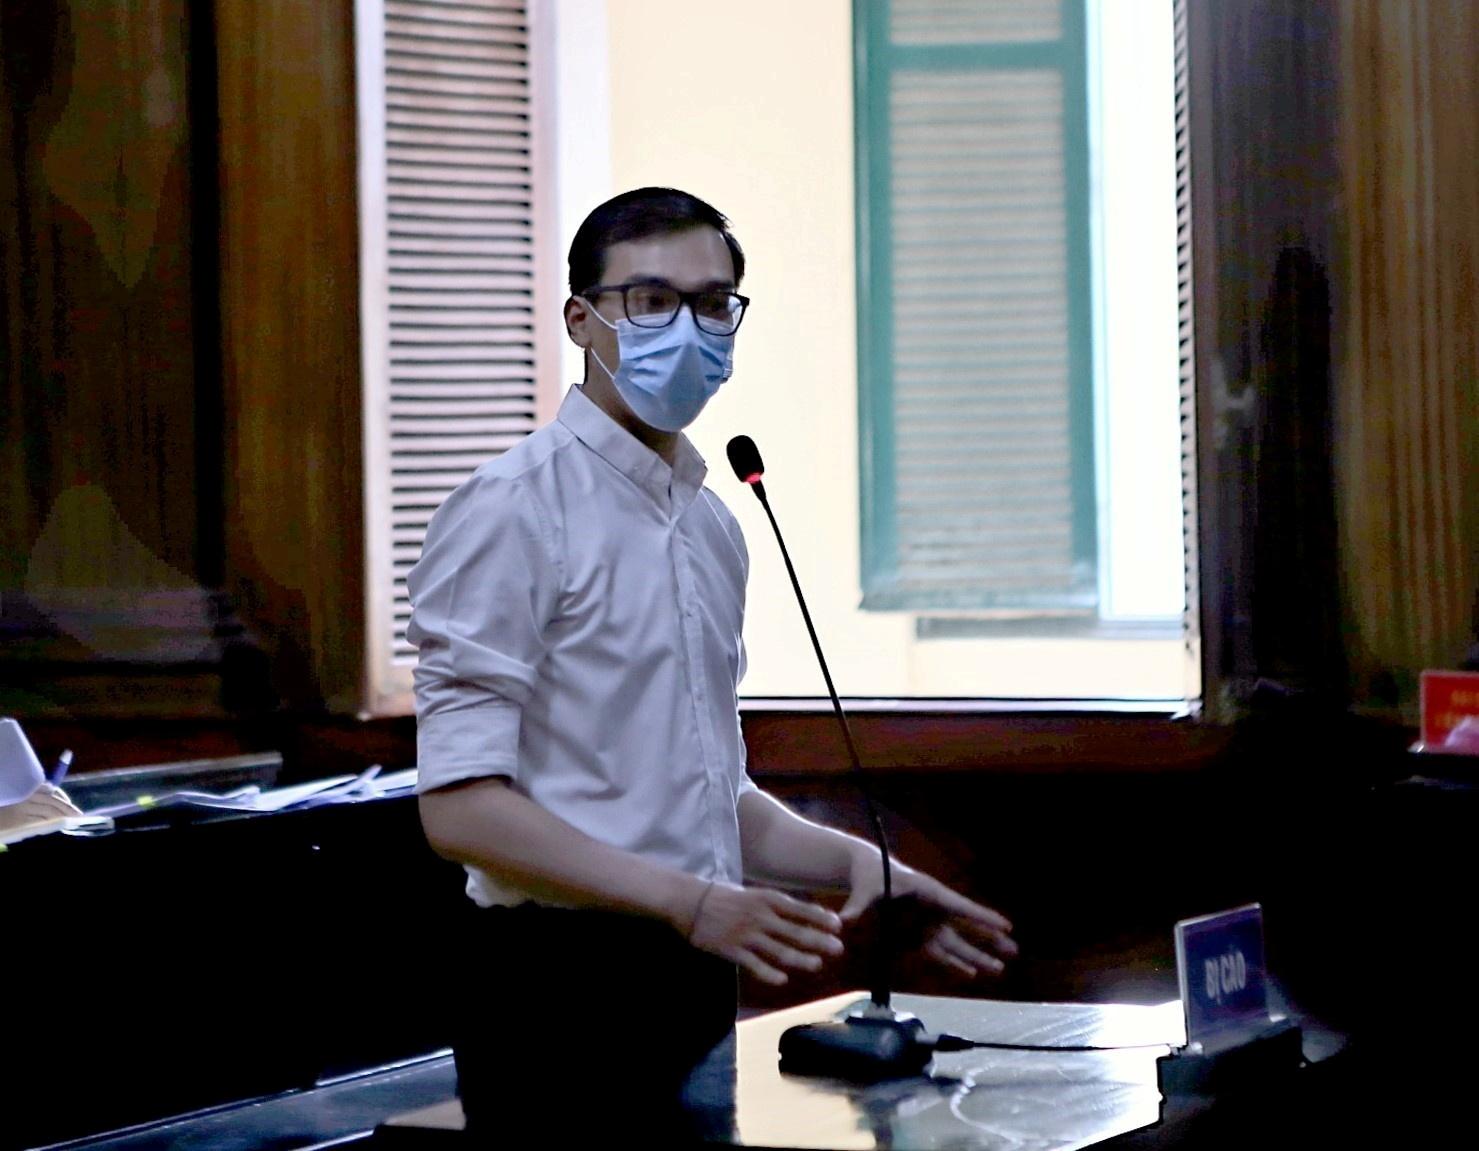 Βιετνάμ: Δυο χρόνια φυλακή σε αεροσυνοδό – Έσπασε την καραντίνα και διέσπειρε τον κορονοϊό